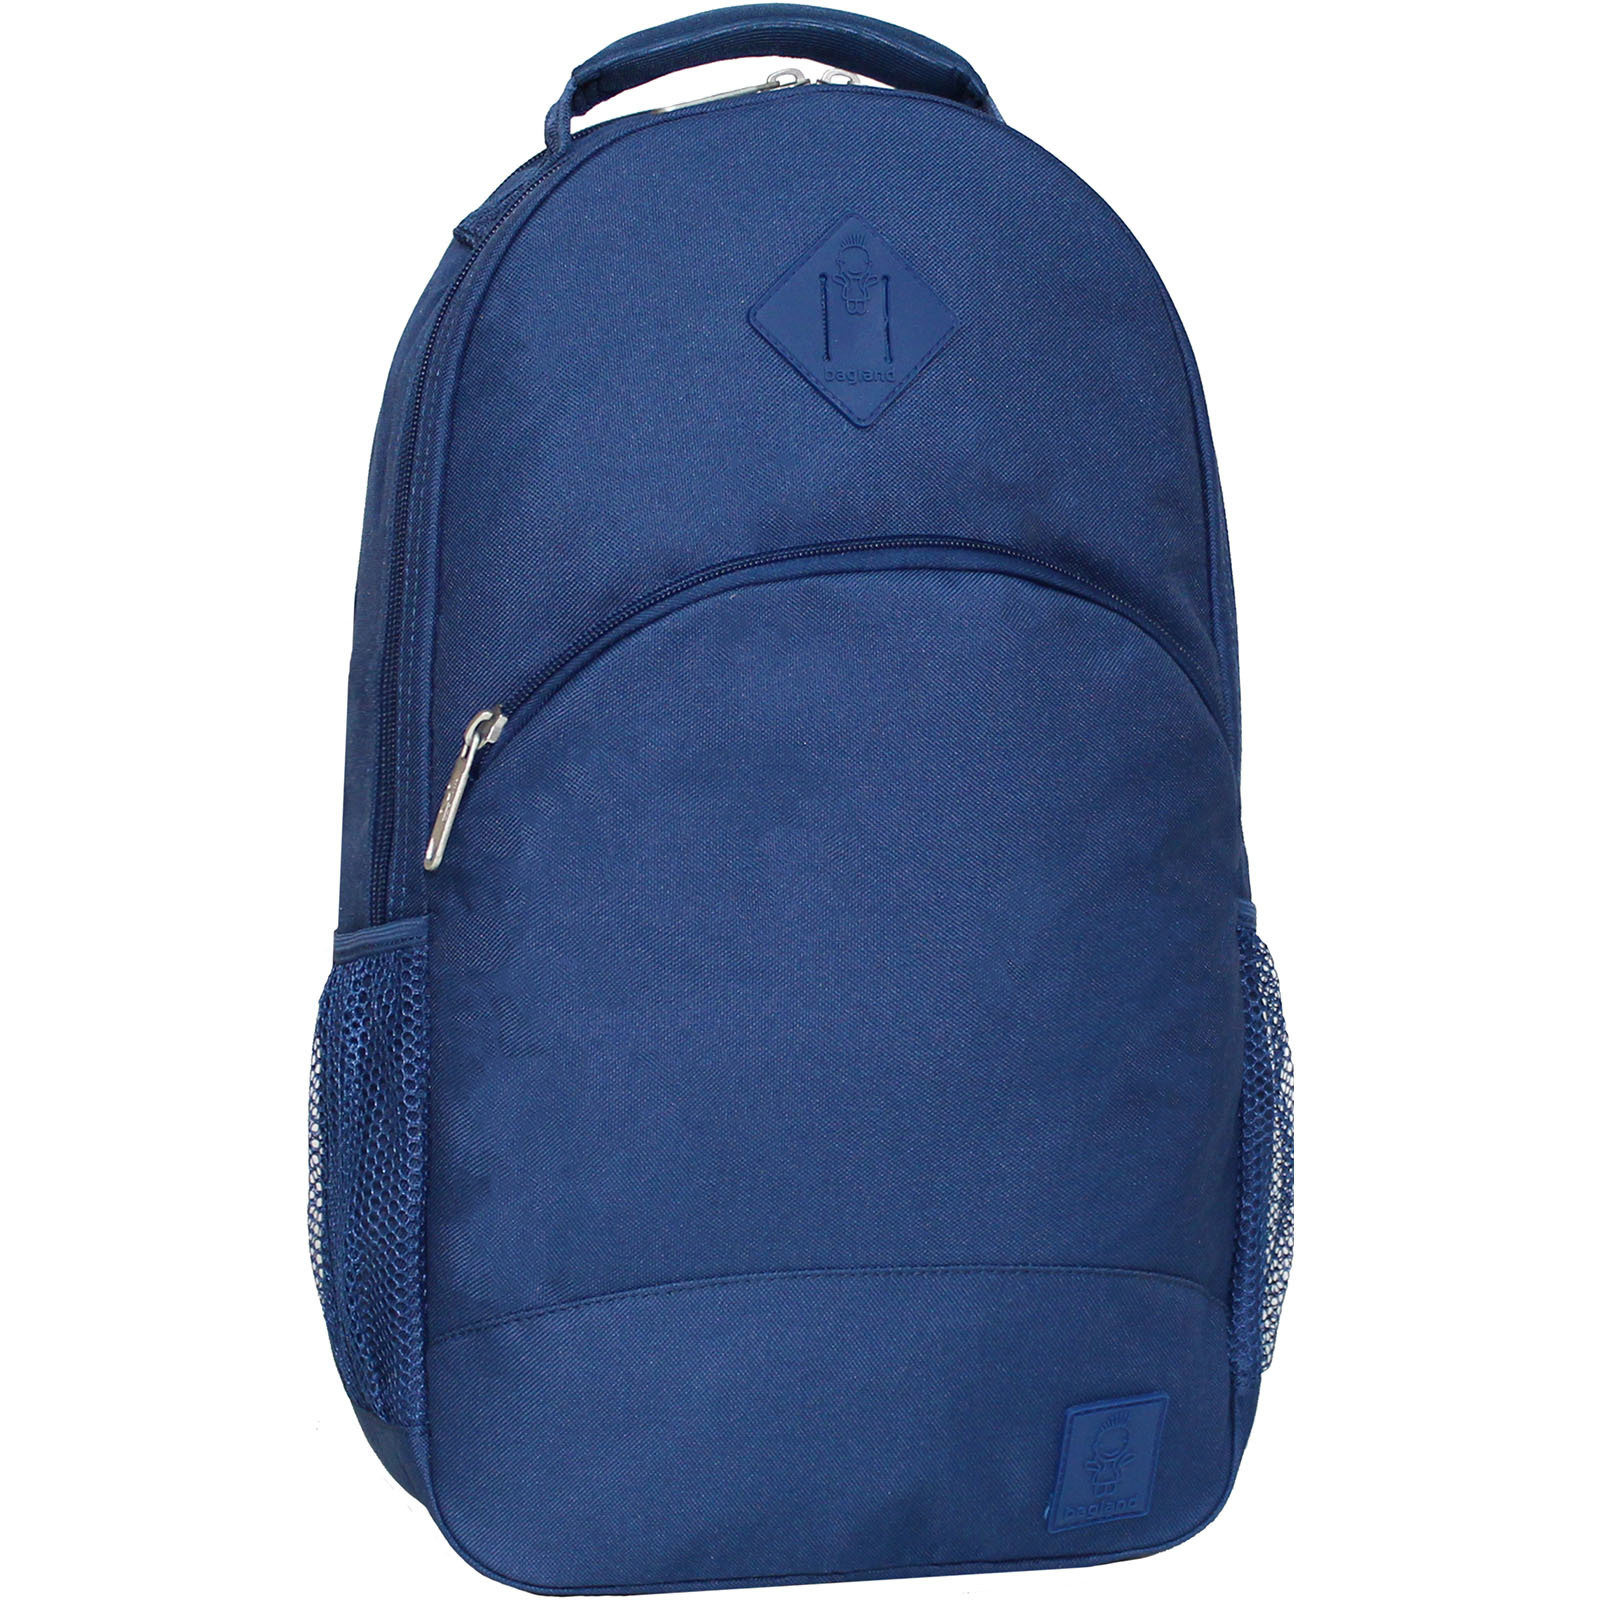 Городские рюкзаки Рюкзак Bagland UltraMax 20 л. Синий (00534662) IMG_1572.JPG